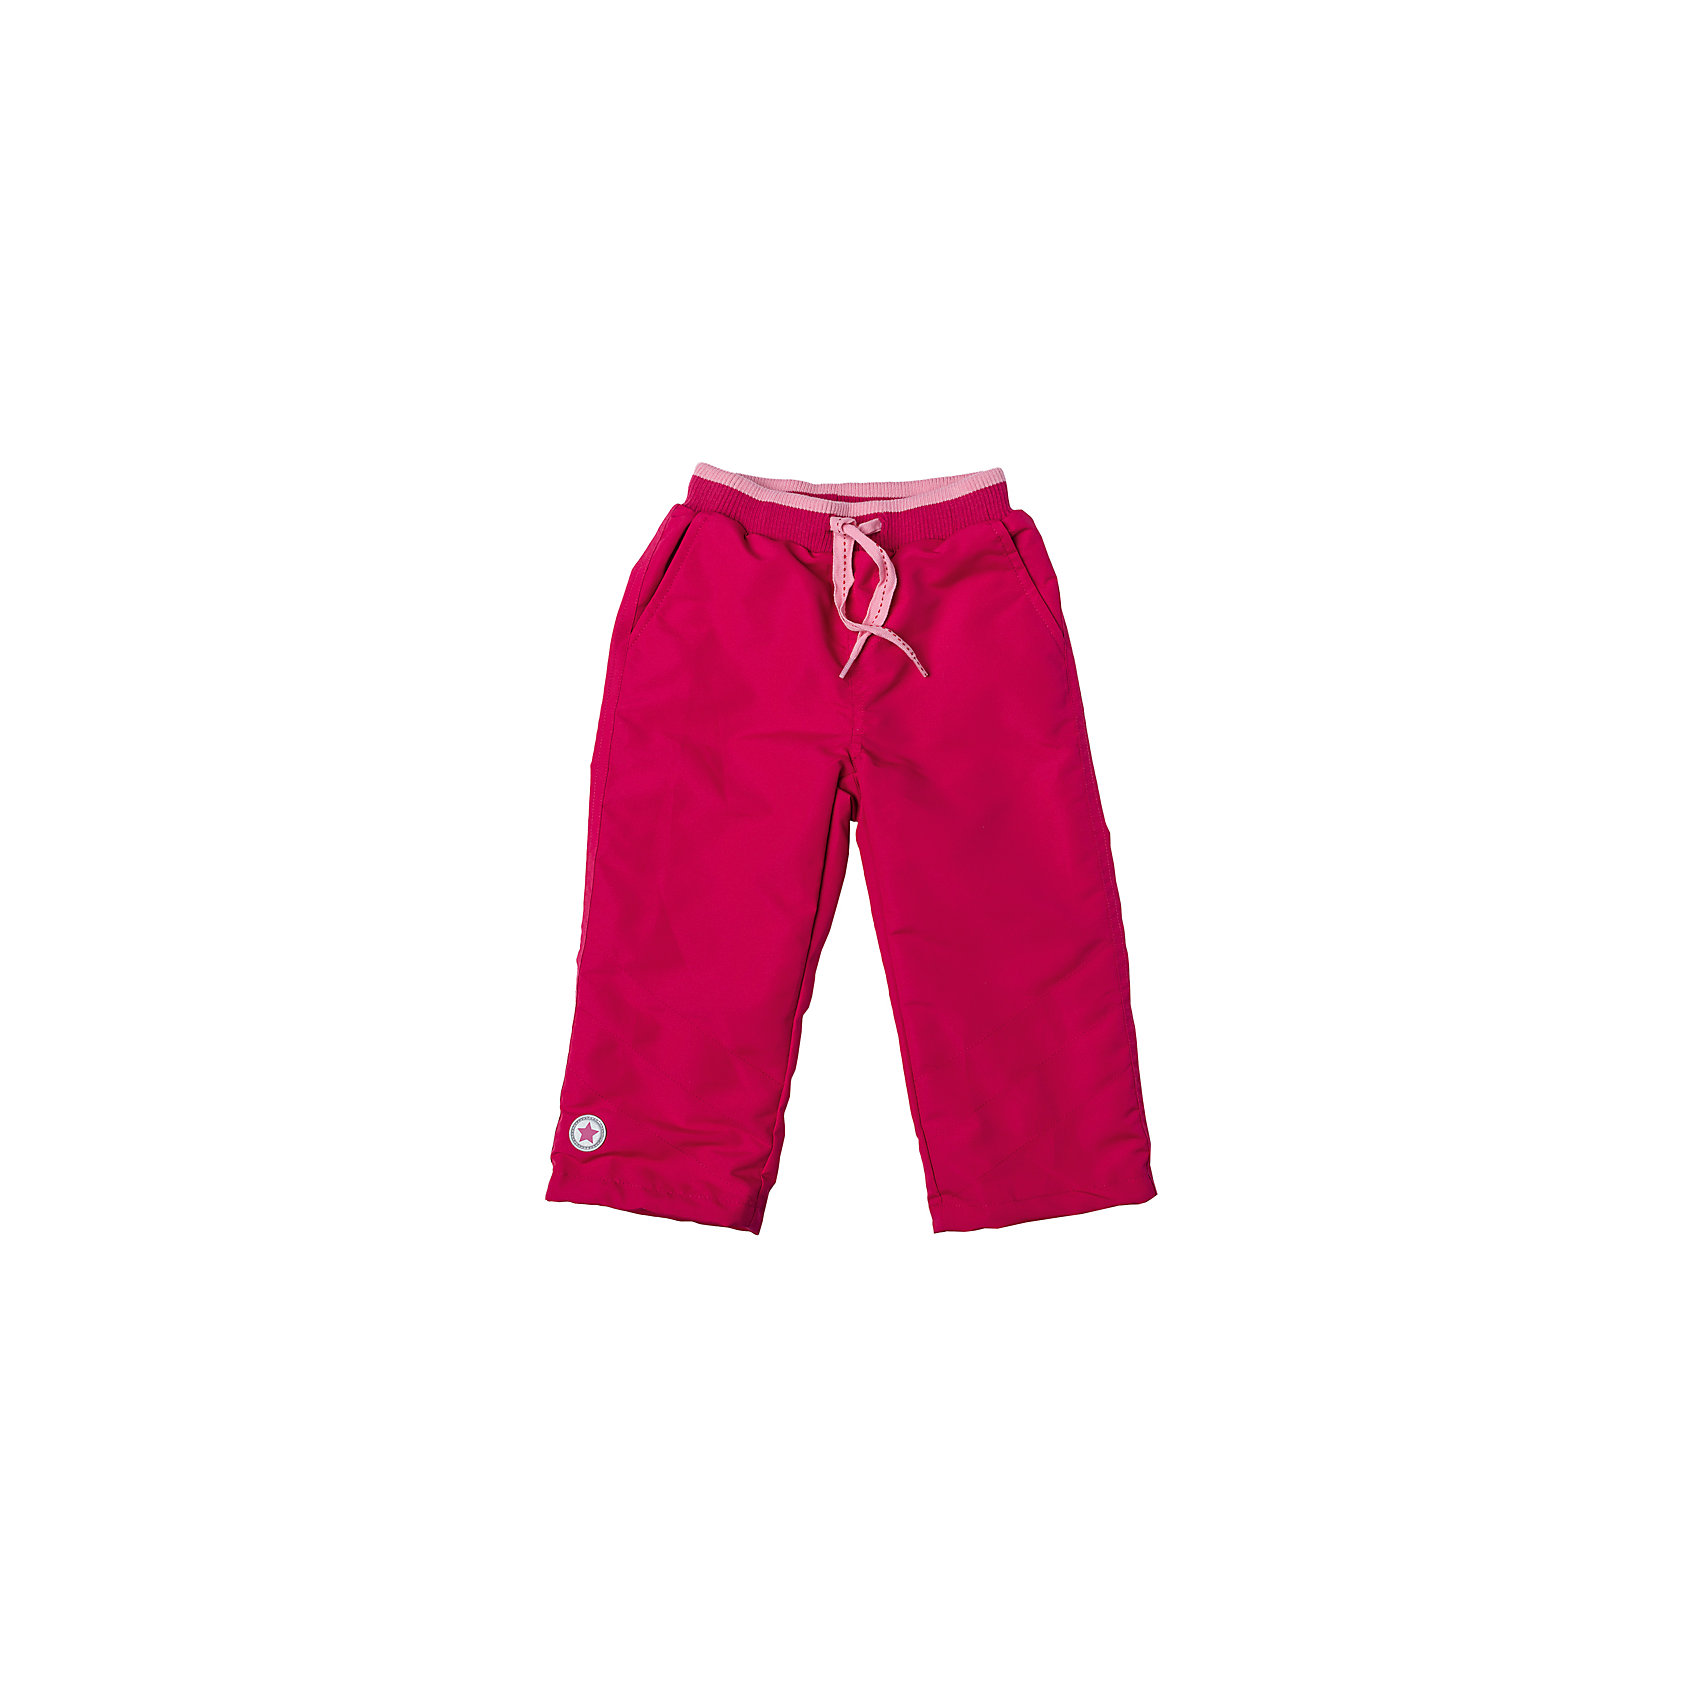 Брюки для девочки PlayTodayДжинсы и брючки<br>Брюки для девочки PlayToday<br>Утепленные брюки из водооталкивающей ткани прекрасно подойдут для прогулок в любую погоду. Подкладка из мягкого хлопка, не вызывает раздражений. Брюки на широкой резинке, которая не сдавливает живот ребенка. Дополнительно снабжены регулируемым шнуром - кулиской на поясе.Преимущества: Водоотталкивающая тканьПодкладка из хлопкаБрюки на резинке. На поясе регулируемый шнур - кулиска.<br>Состав:<br>Верх: 100% полиэстер, подкладка: 80% хлопок, 20% полиэстер<br><br>Ширина мм: 215<br>Глубина мм: 88<br>Высота мм: 191<br>Вес г: 336<br>Цвет: разноцветный<br>Возраст от месяцев: 18<br>Возраст до месяцев: 24<br>Пол: Женский<br>Возраст: Детский<br>Размер: 92,74,80,86<br>SKU: 5408228